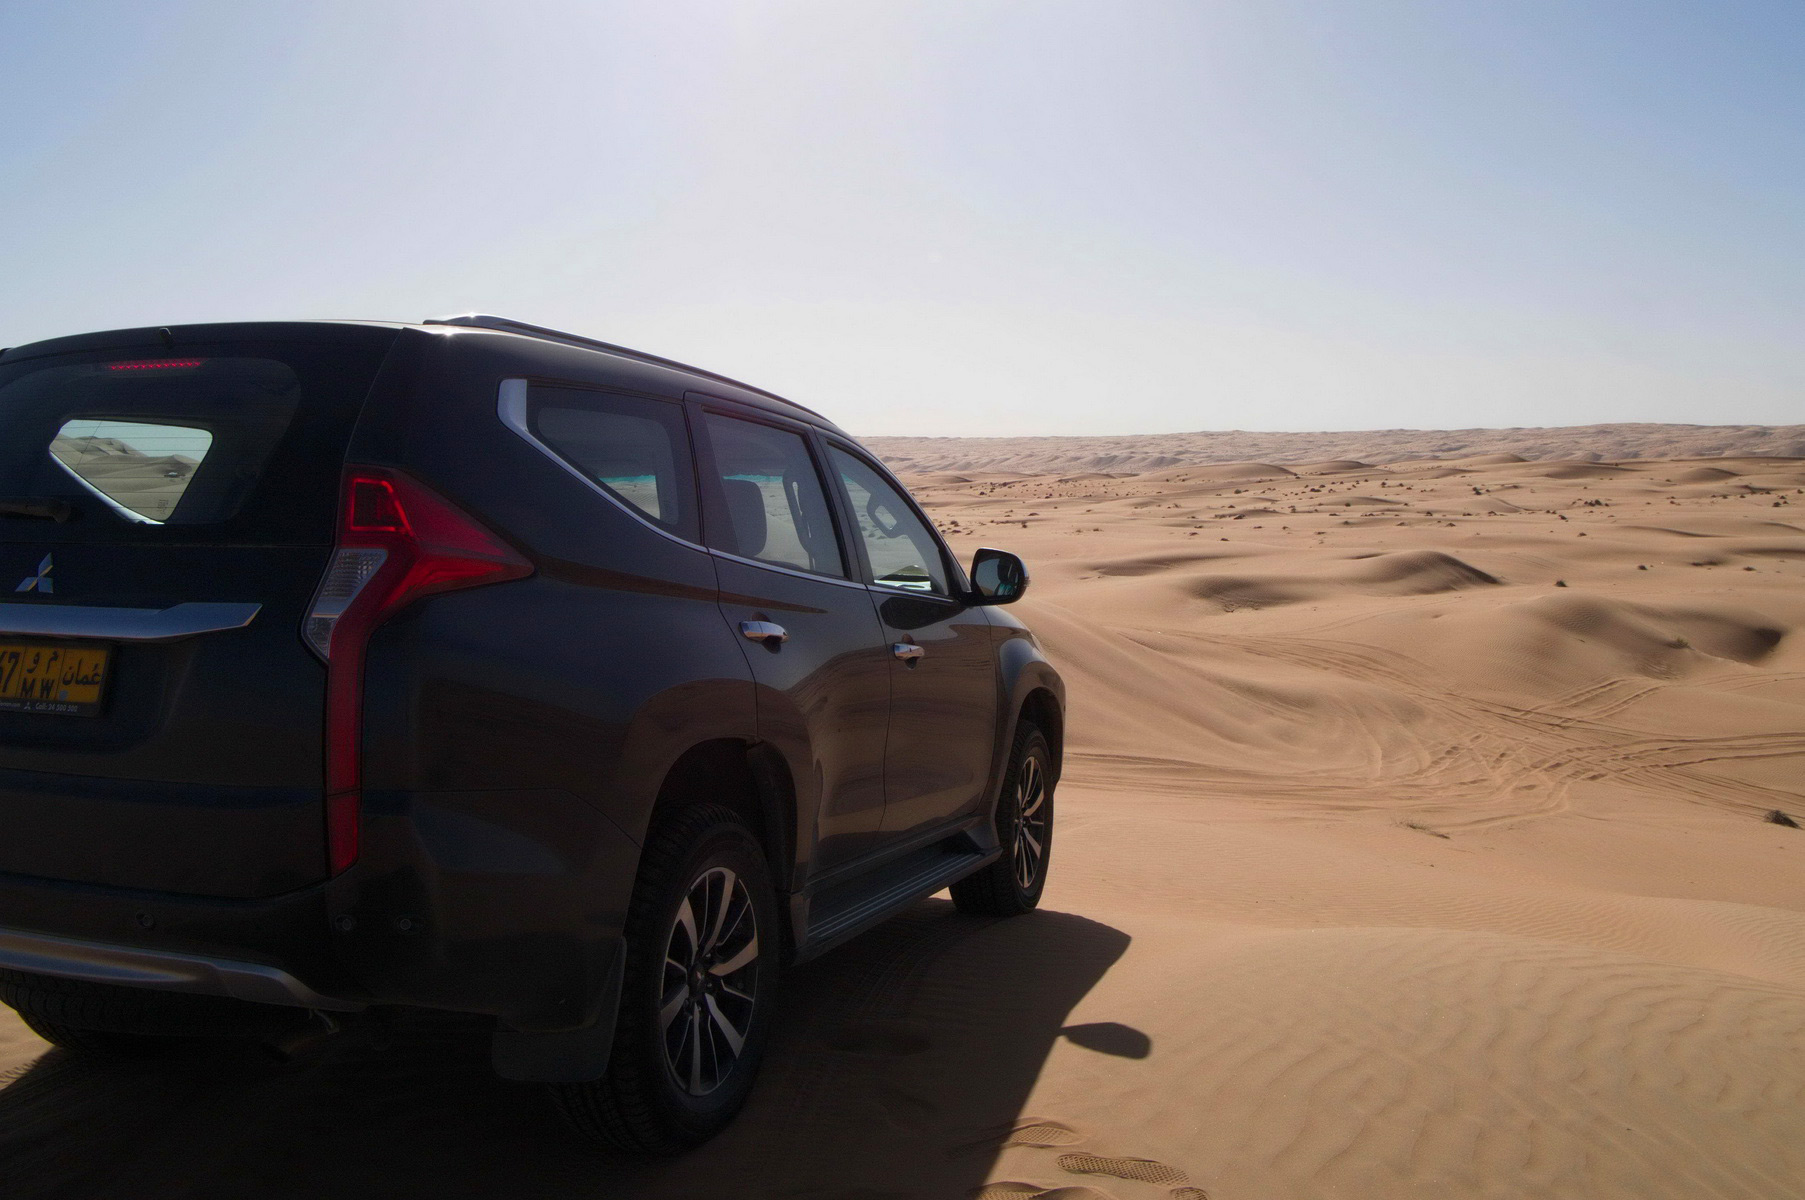 Mit der 4x4 durch die Wüste im Oman, auch für Selbstfahrer möglich